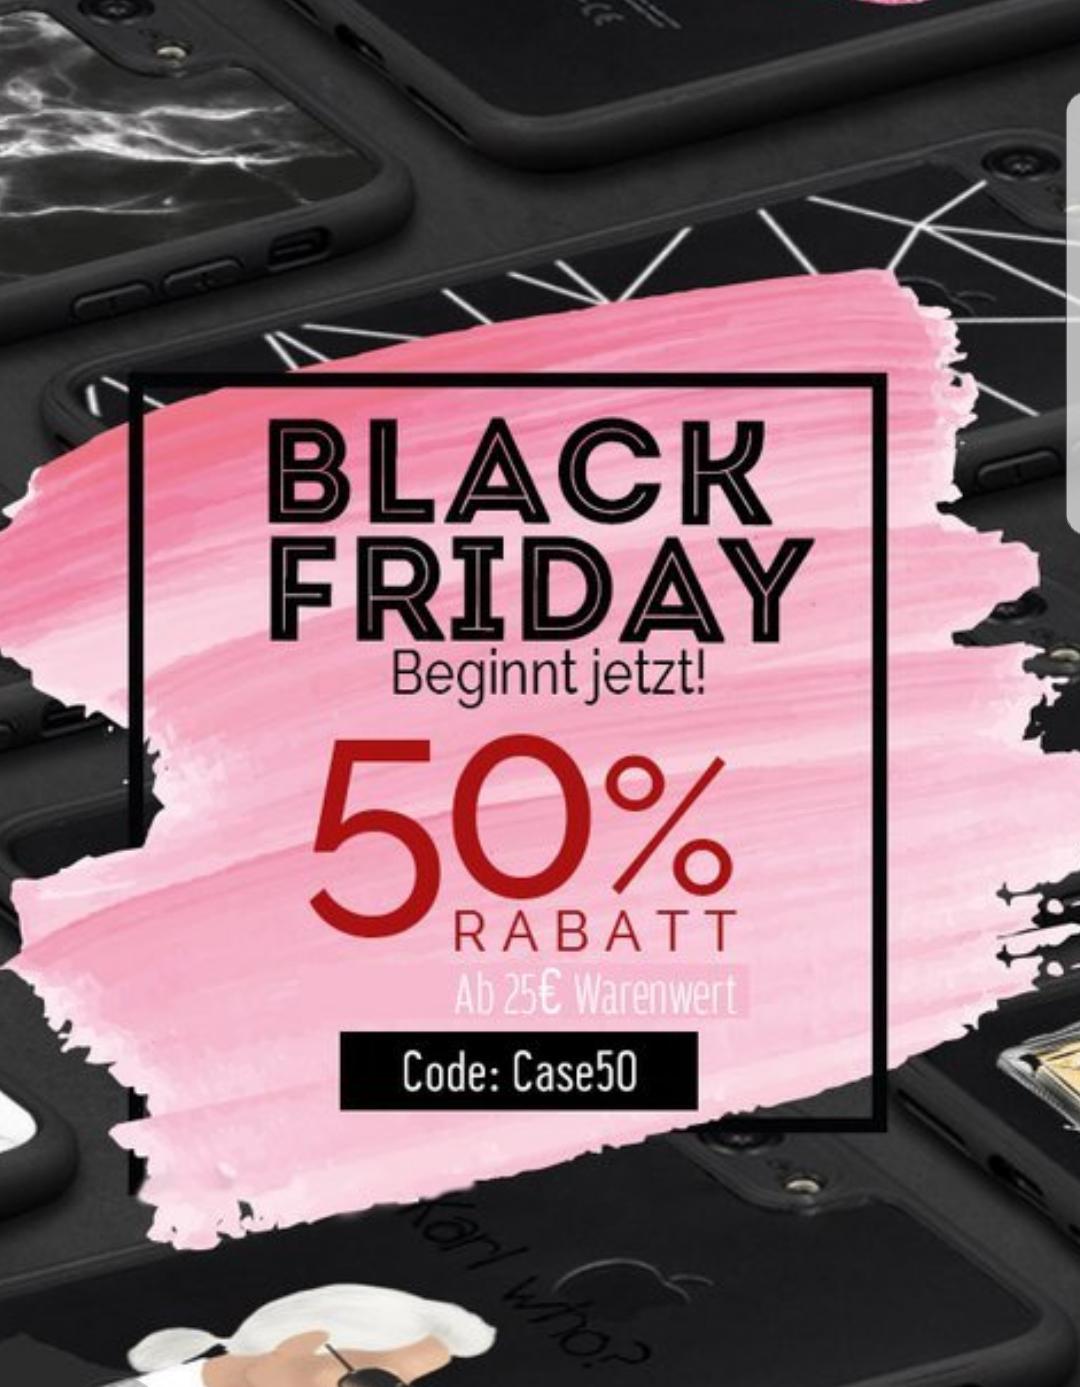 Mrstraps (Handyhüllen u. Zubehör) - Black Friday mit 50% Rabatt ab einen Mbw von 25 Euro